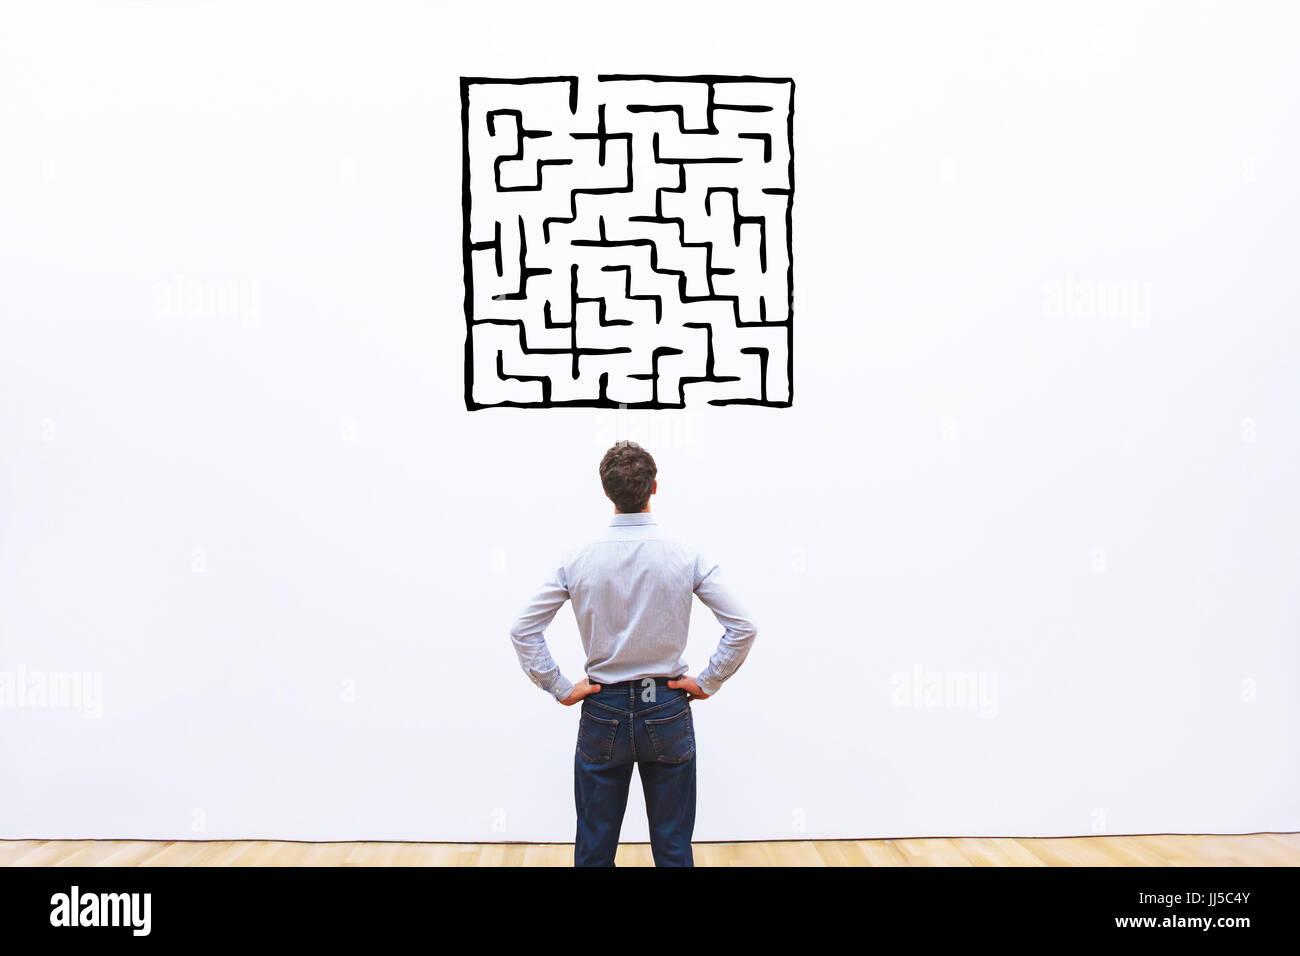 Hombre de negocios busca en laberinto dibujo complicado, difícil concepto de la solución Imagen De Stock